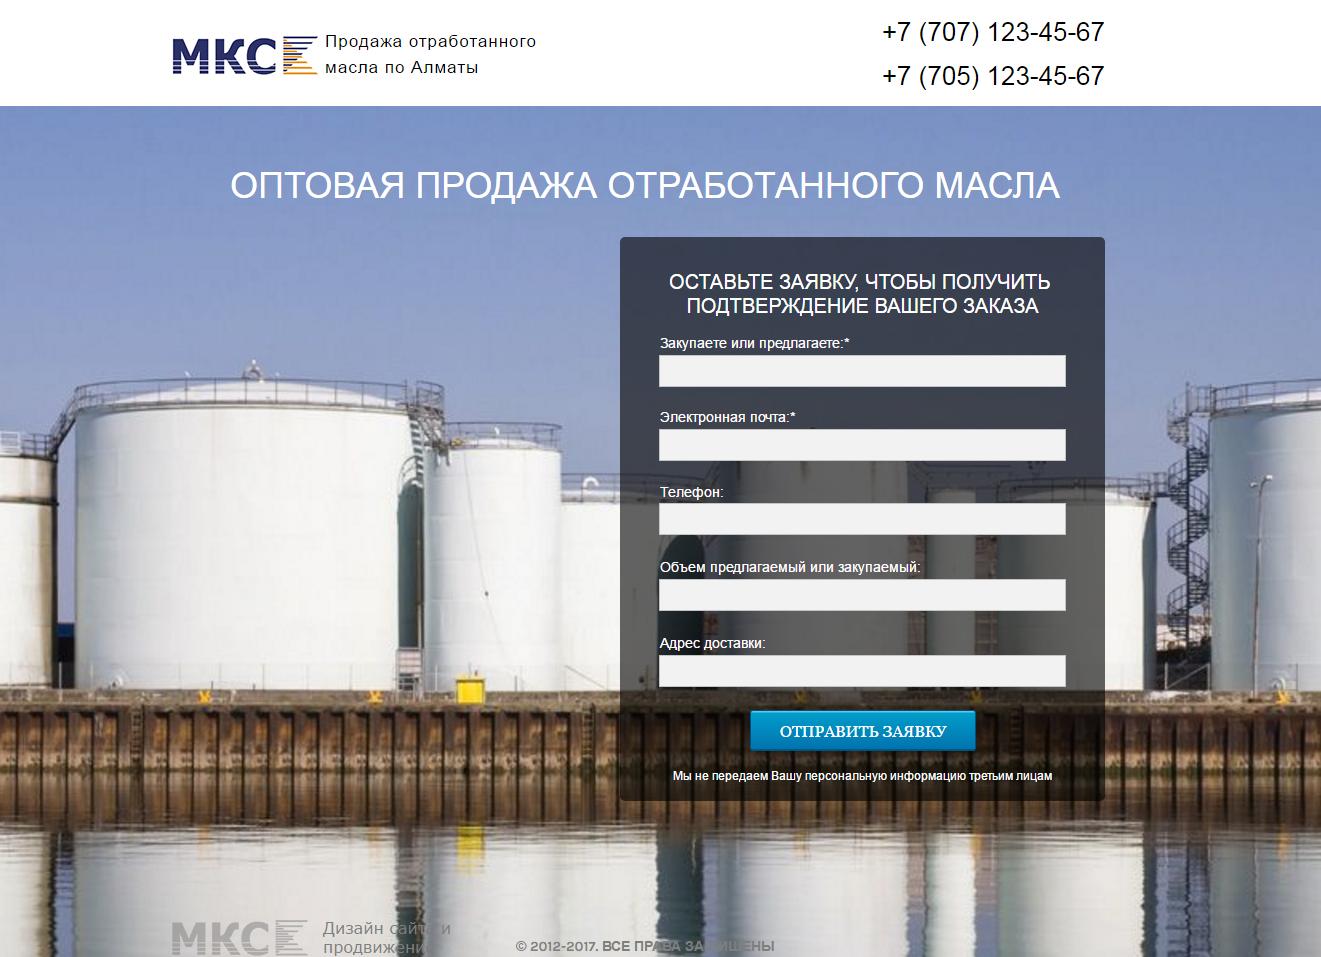 Фото Создание сайта-визитки для продажи и покупки отработанного машинного масла. 2015 год